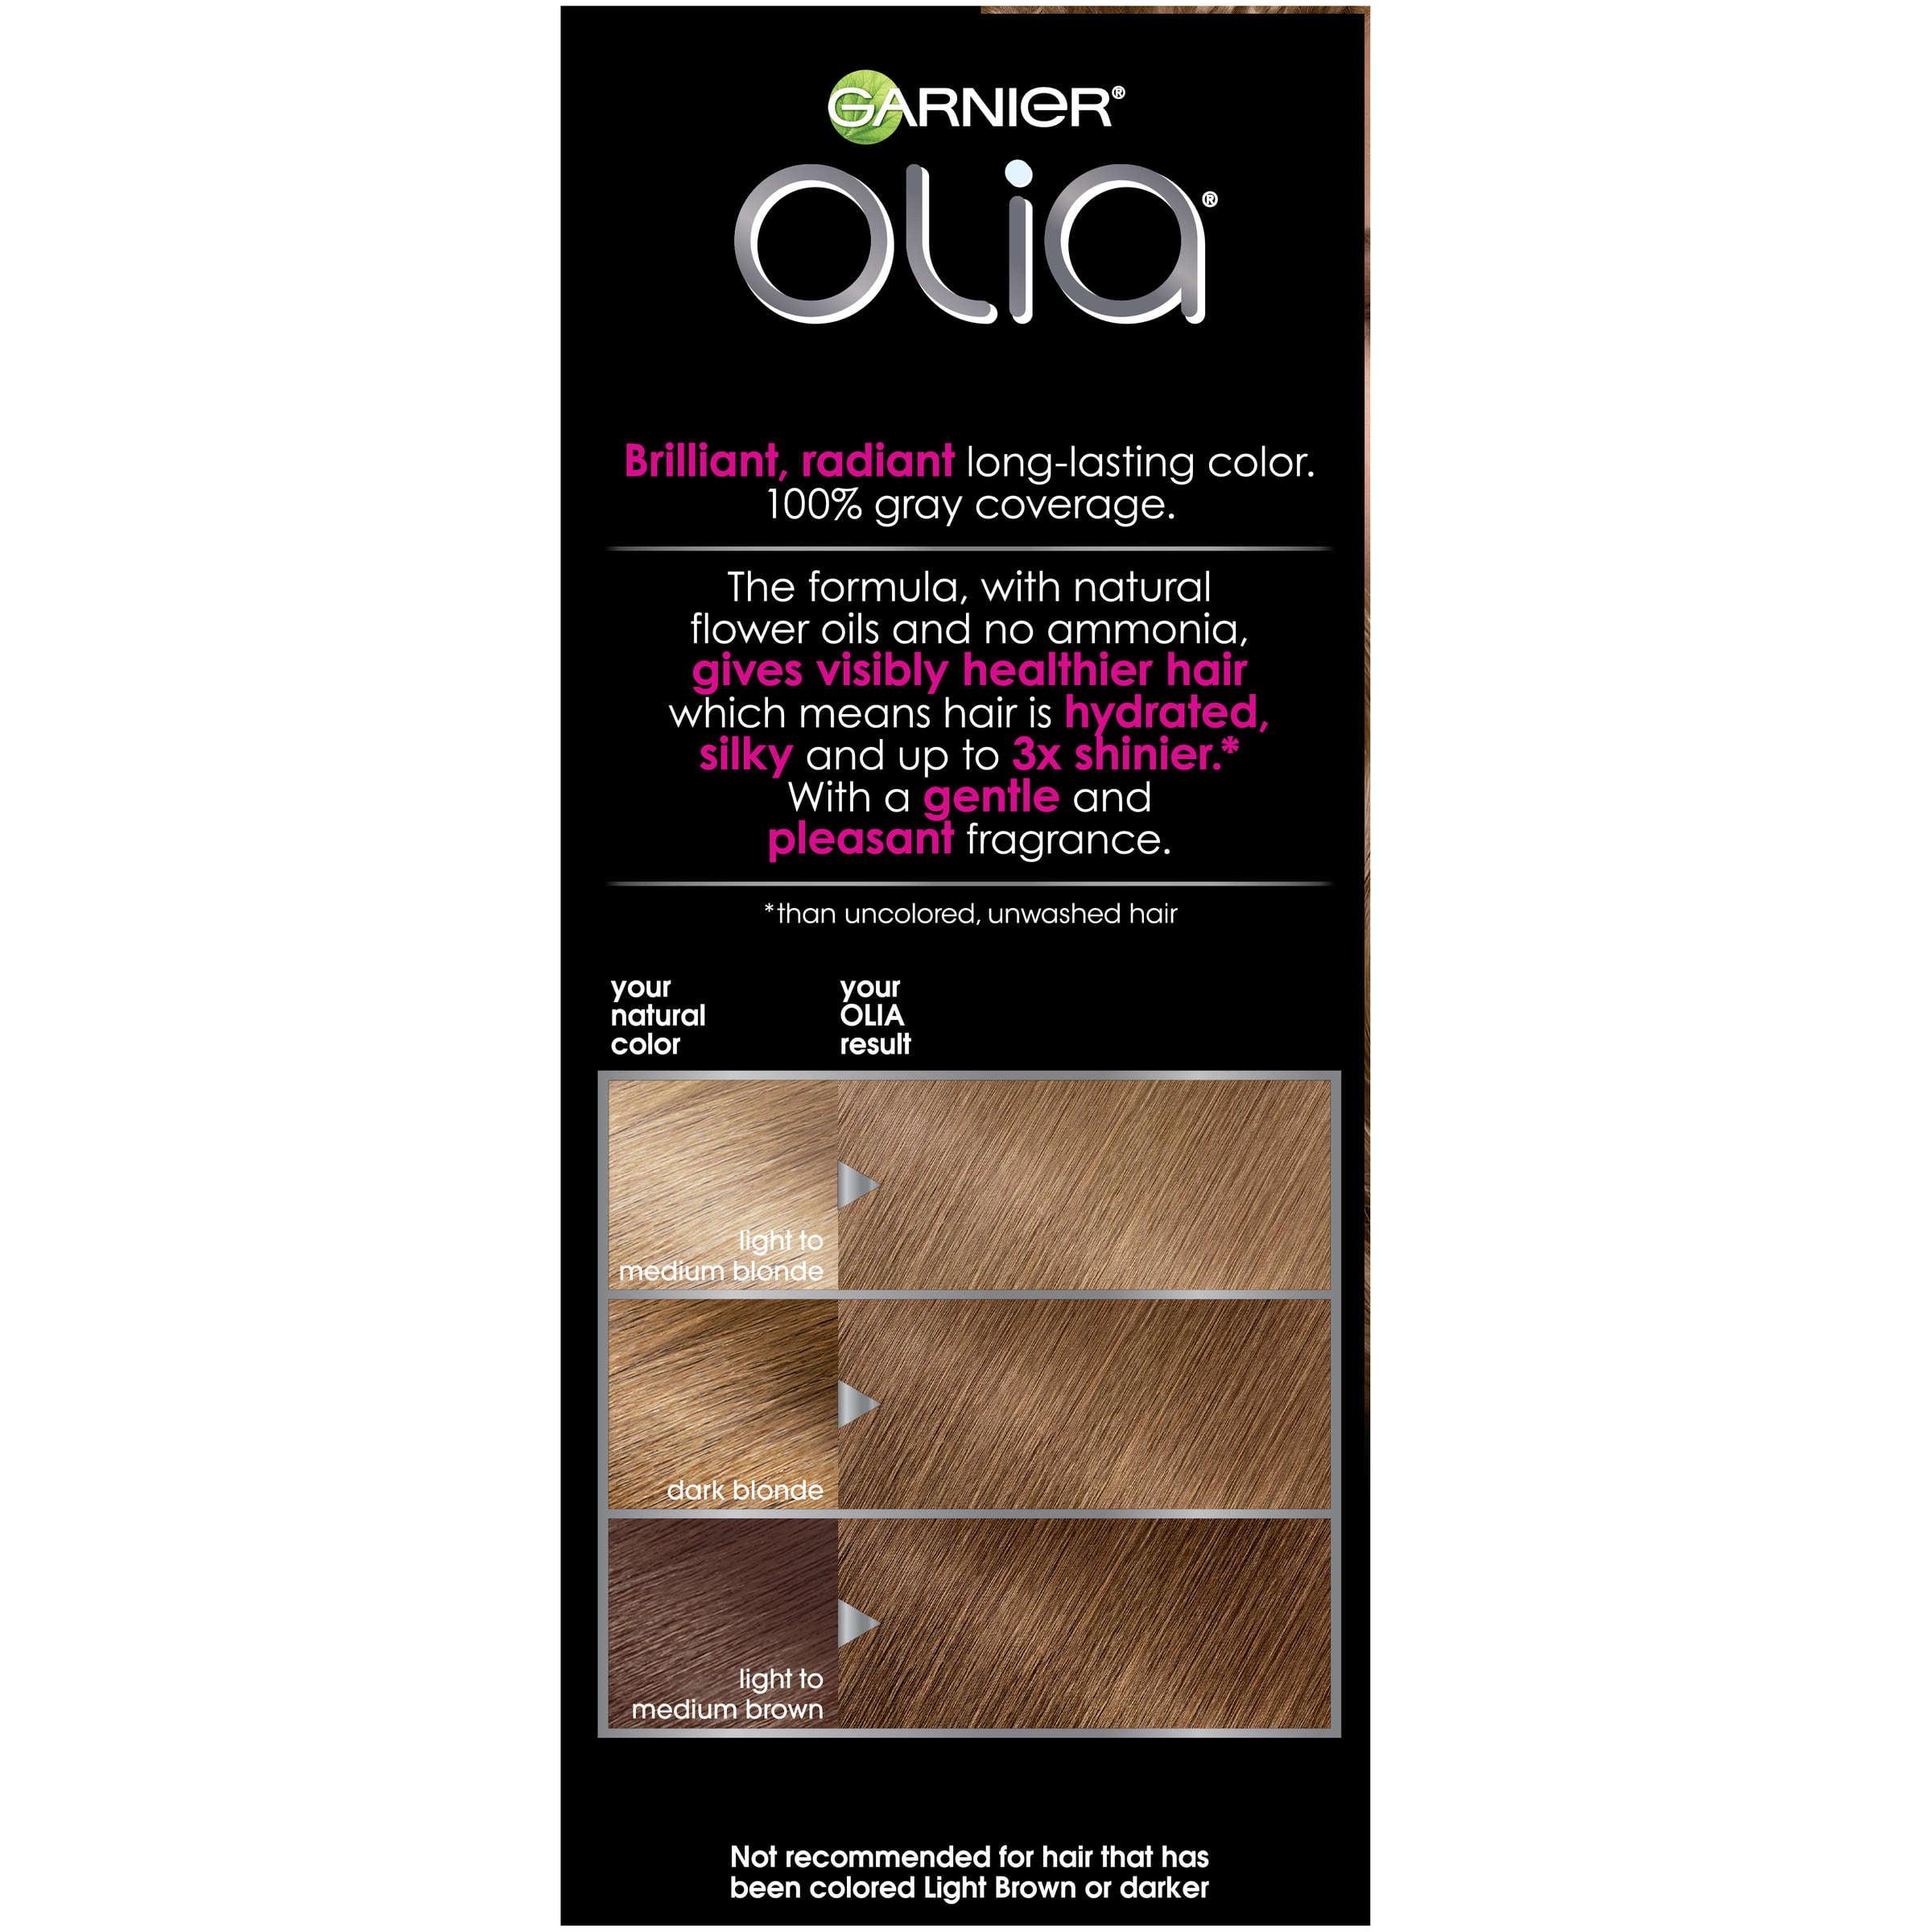 Garnier Olia Oil Powered Permanent Hair Color 90 Light Blonde